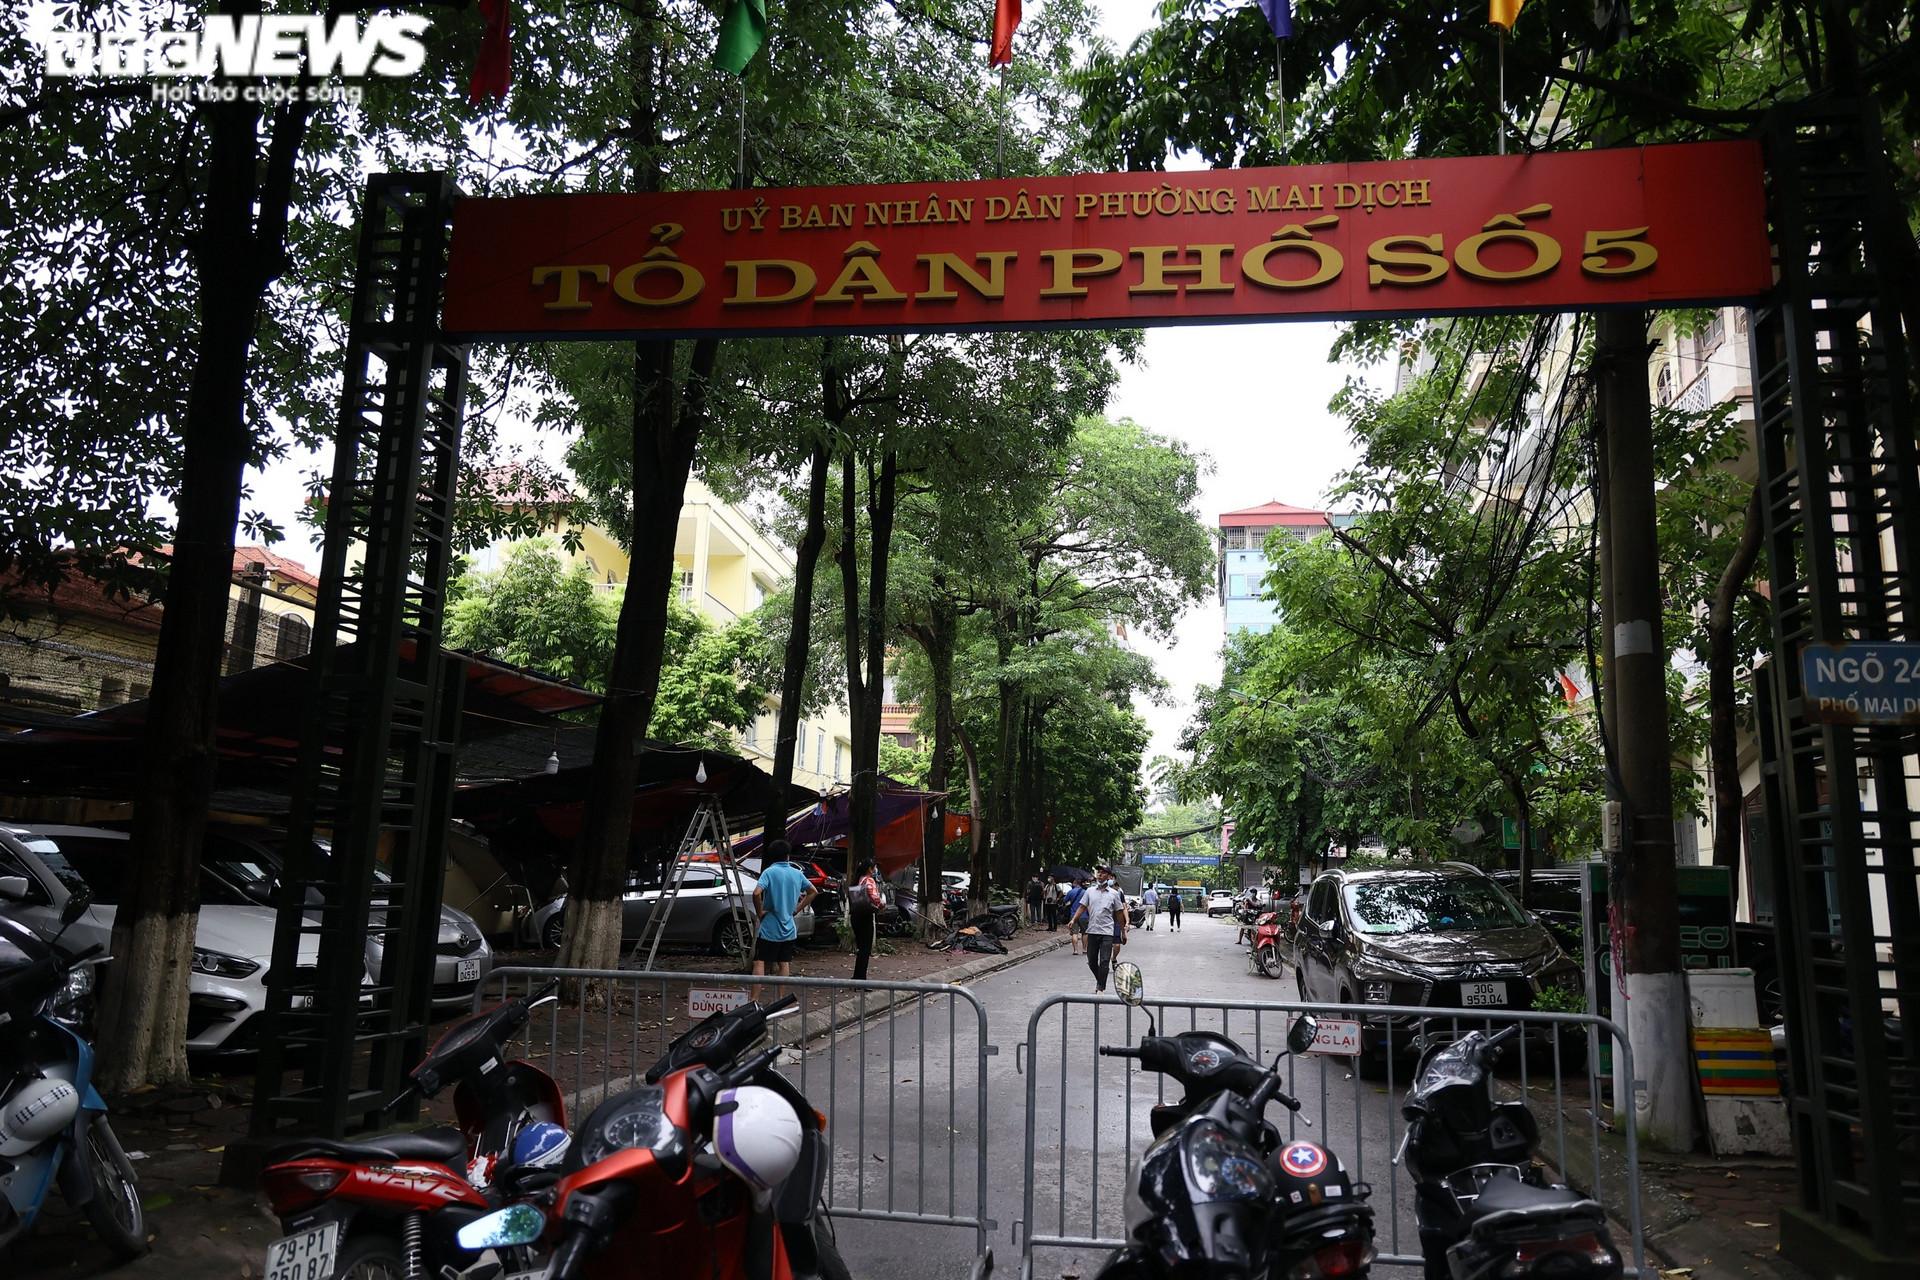 Cận cảnh dàn ô tô bị bức tường trường mầm non sập đổ đè bẹp ở Hà Nội - 10